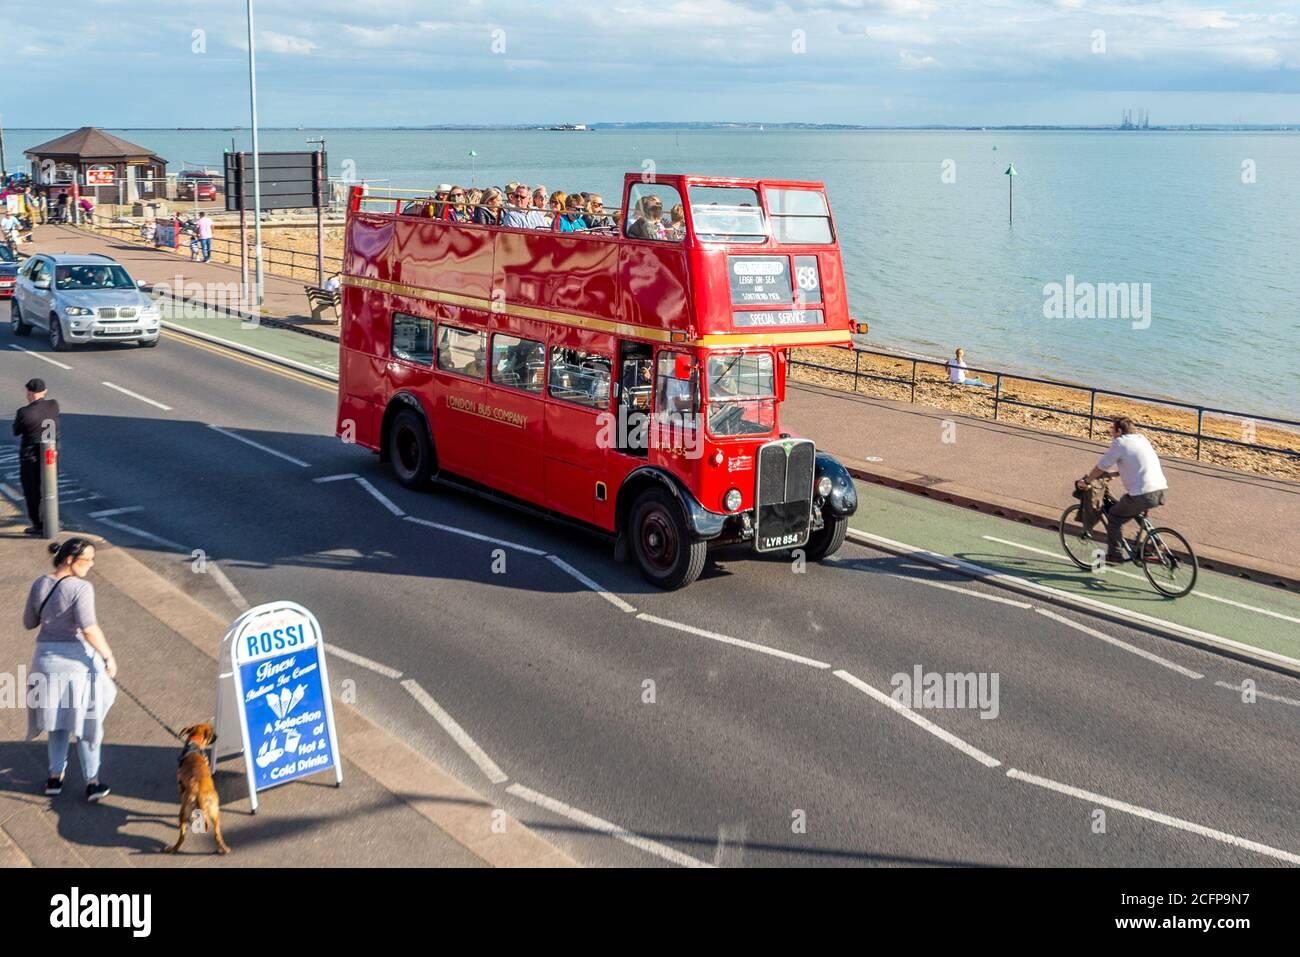 L'autobus AEC Regent III sulla Ensignbus Route 68 è disponibile lungo il lungomare di Southend on Sea, Essex, Regno Unito. Speciale evento di extravaganza con autobus scoperto Foto Stock